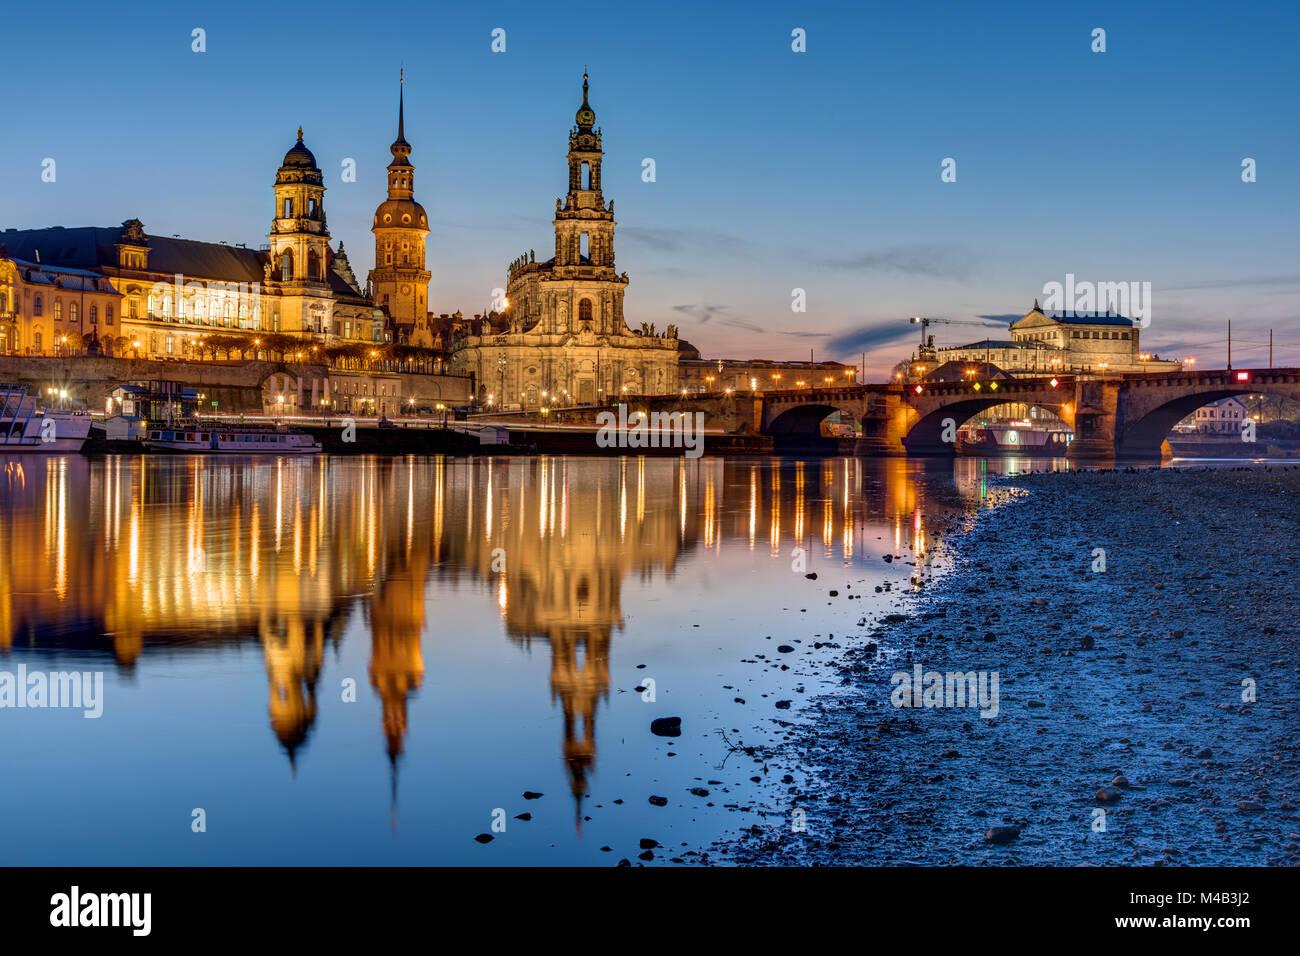 Sonnenuntergang am historischen Zentrum von Dresden mit der Elbe Stockbild